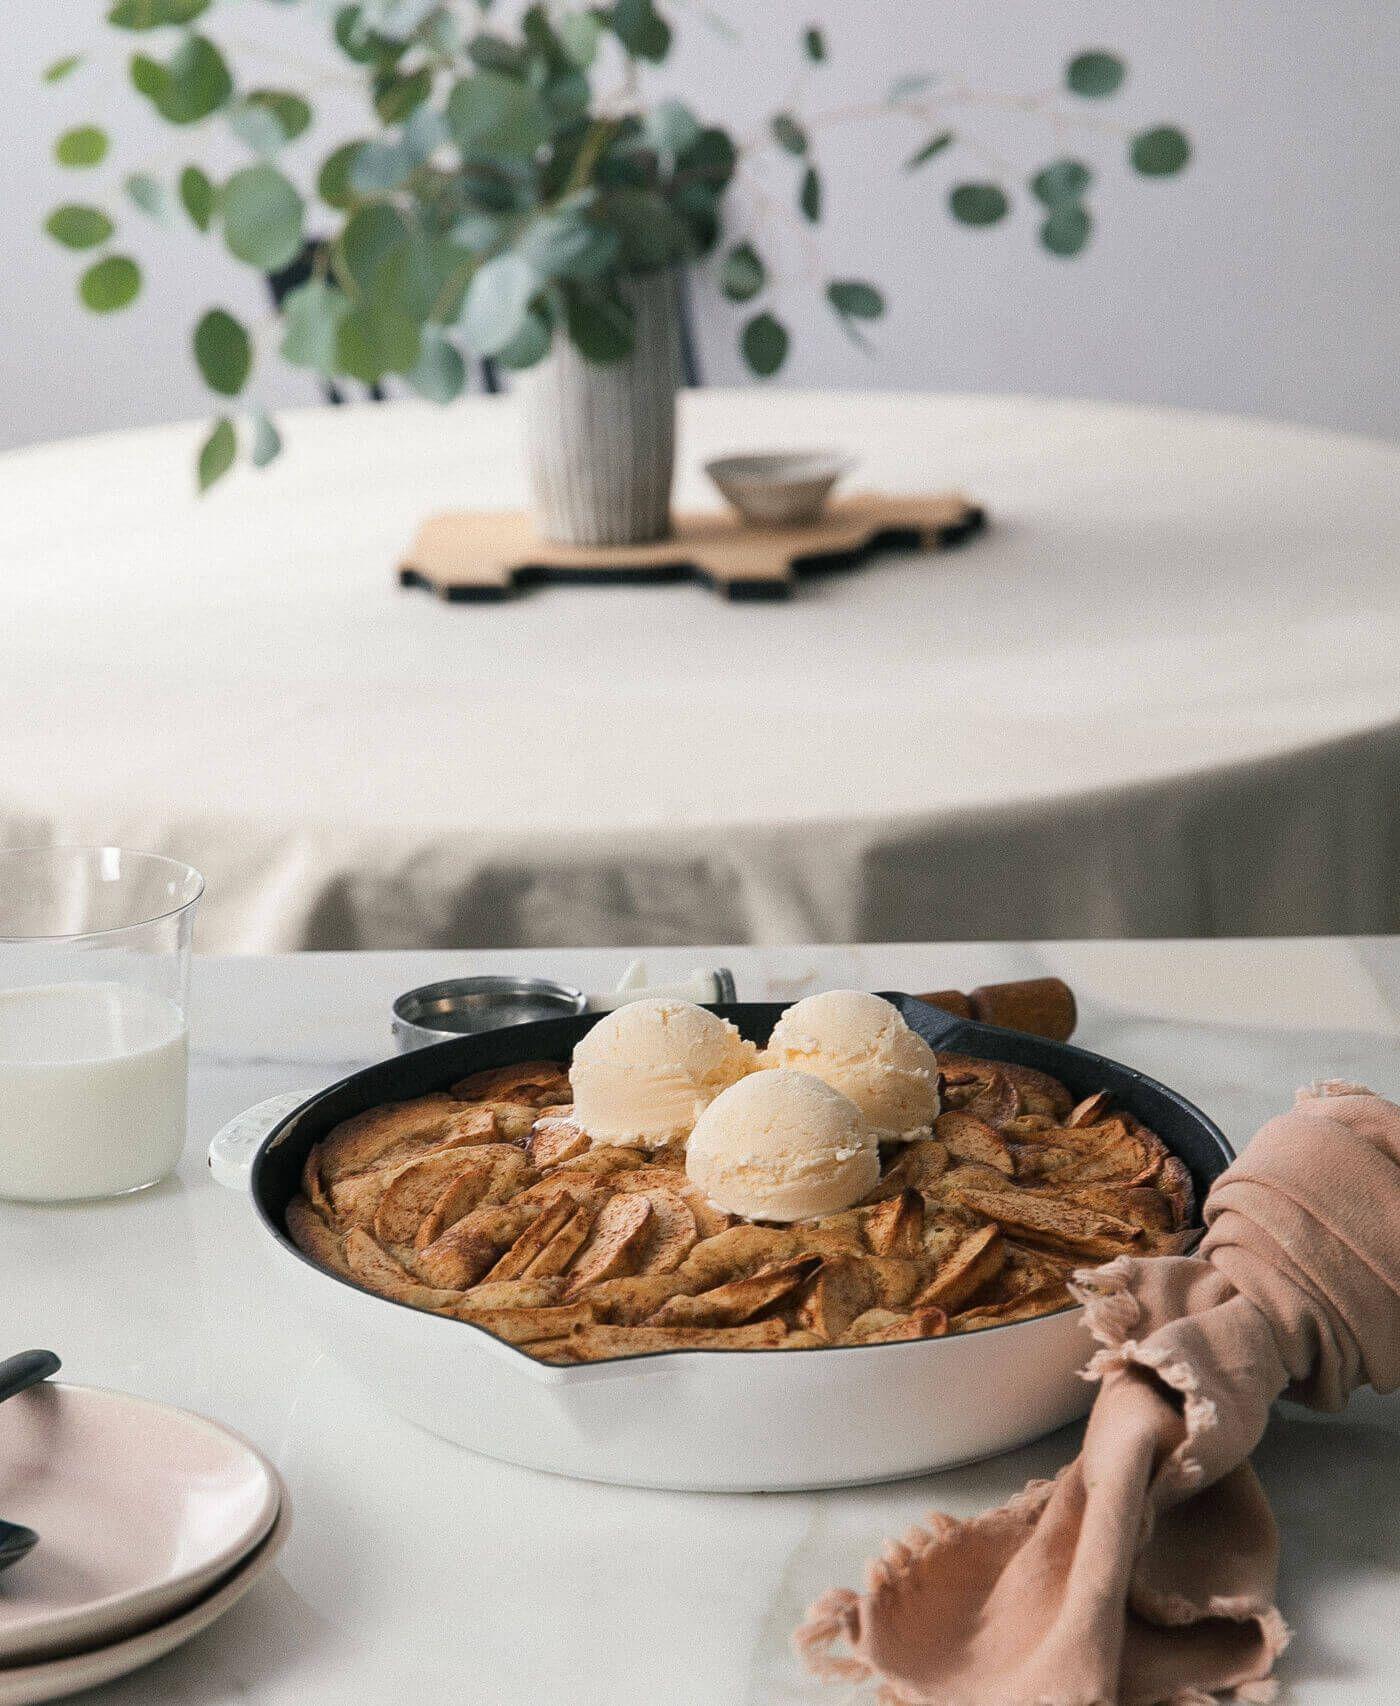 Cozy Comfort Food Recipes - A Cozy Kitchen